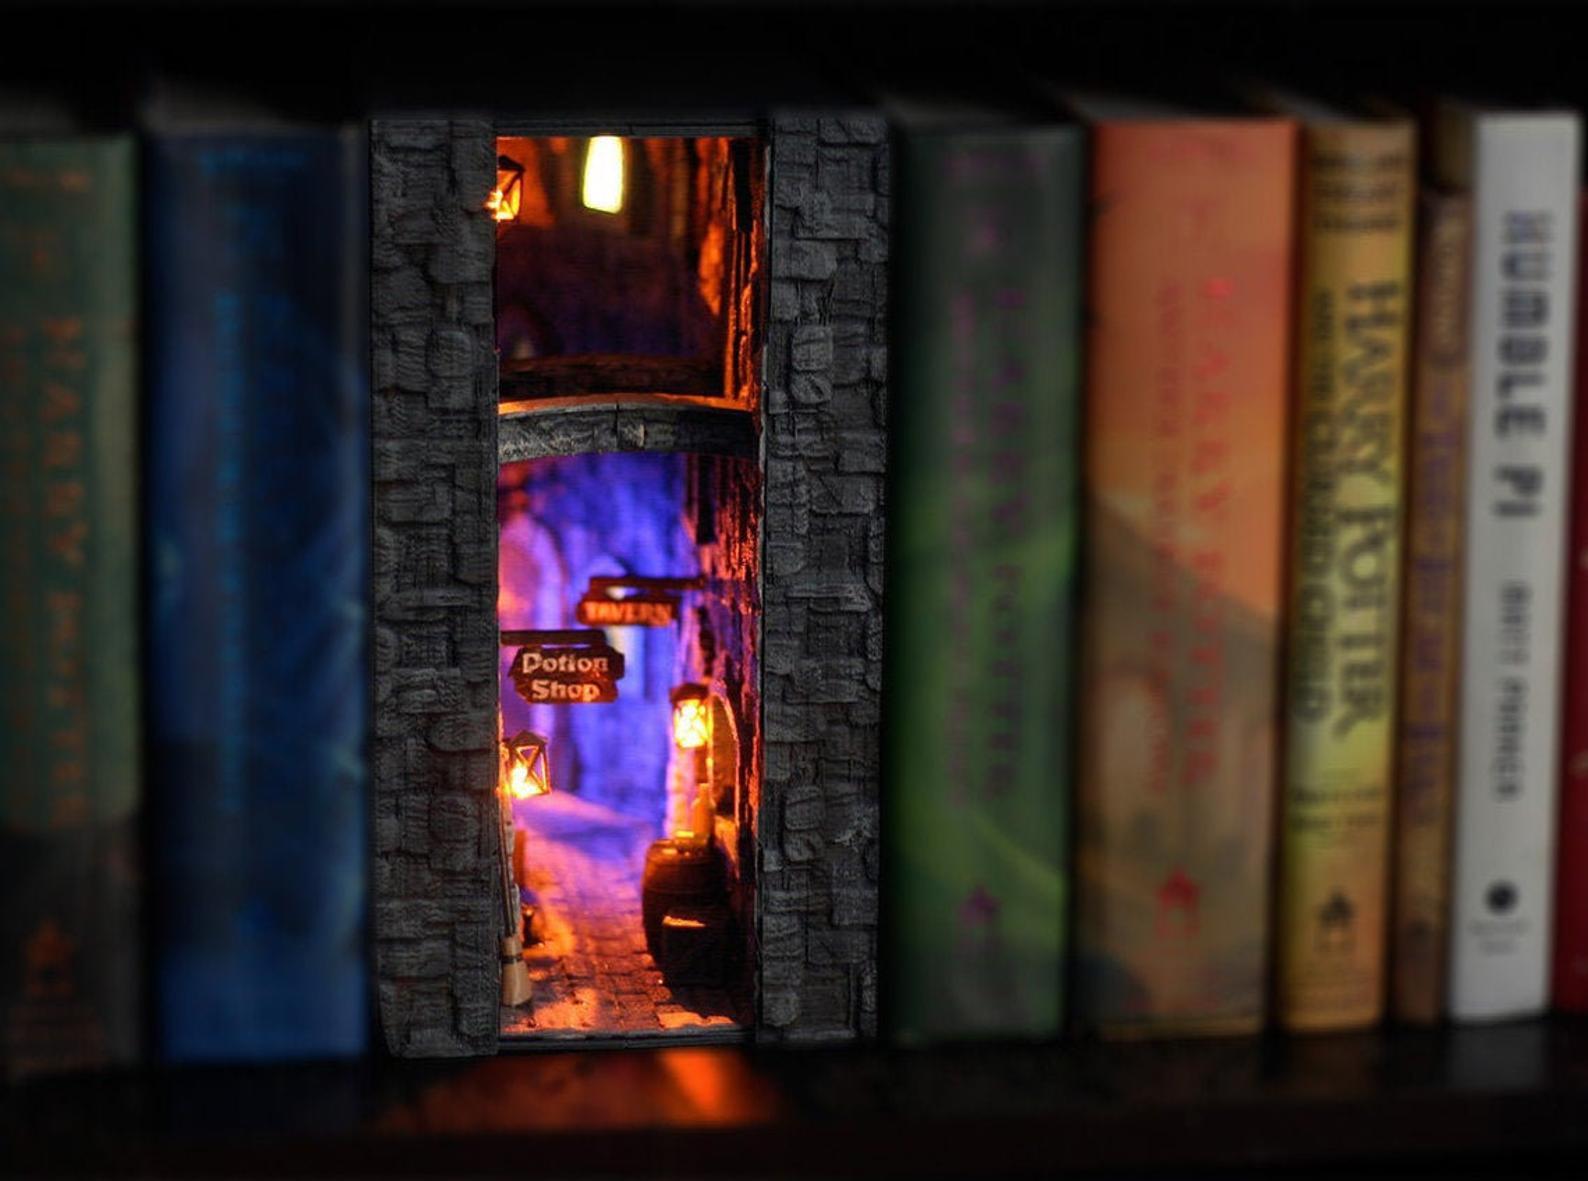 Book Nook Bookshelf Insert by Gifter World